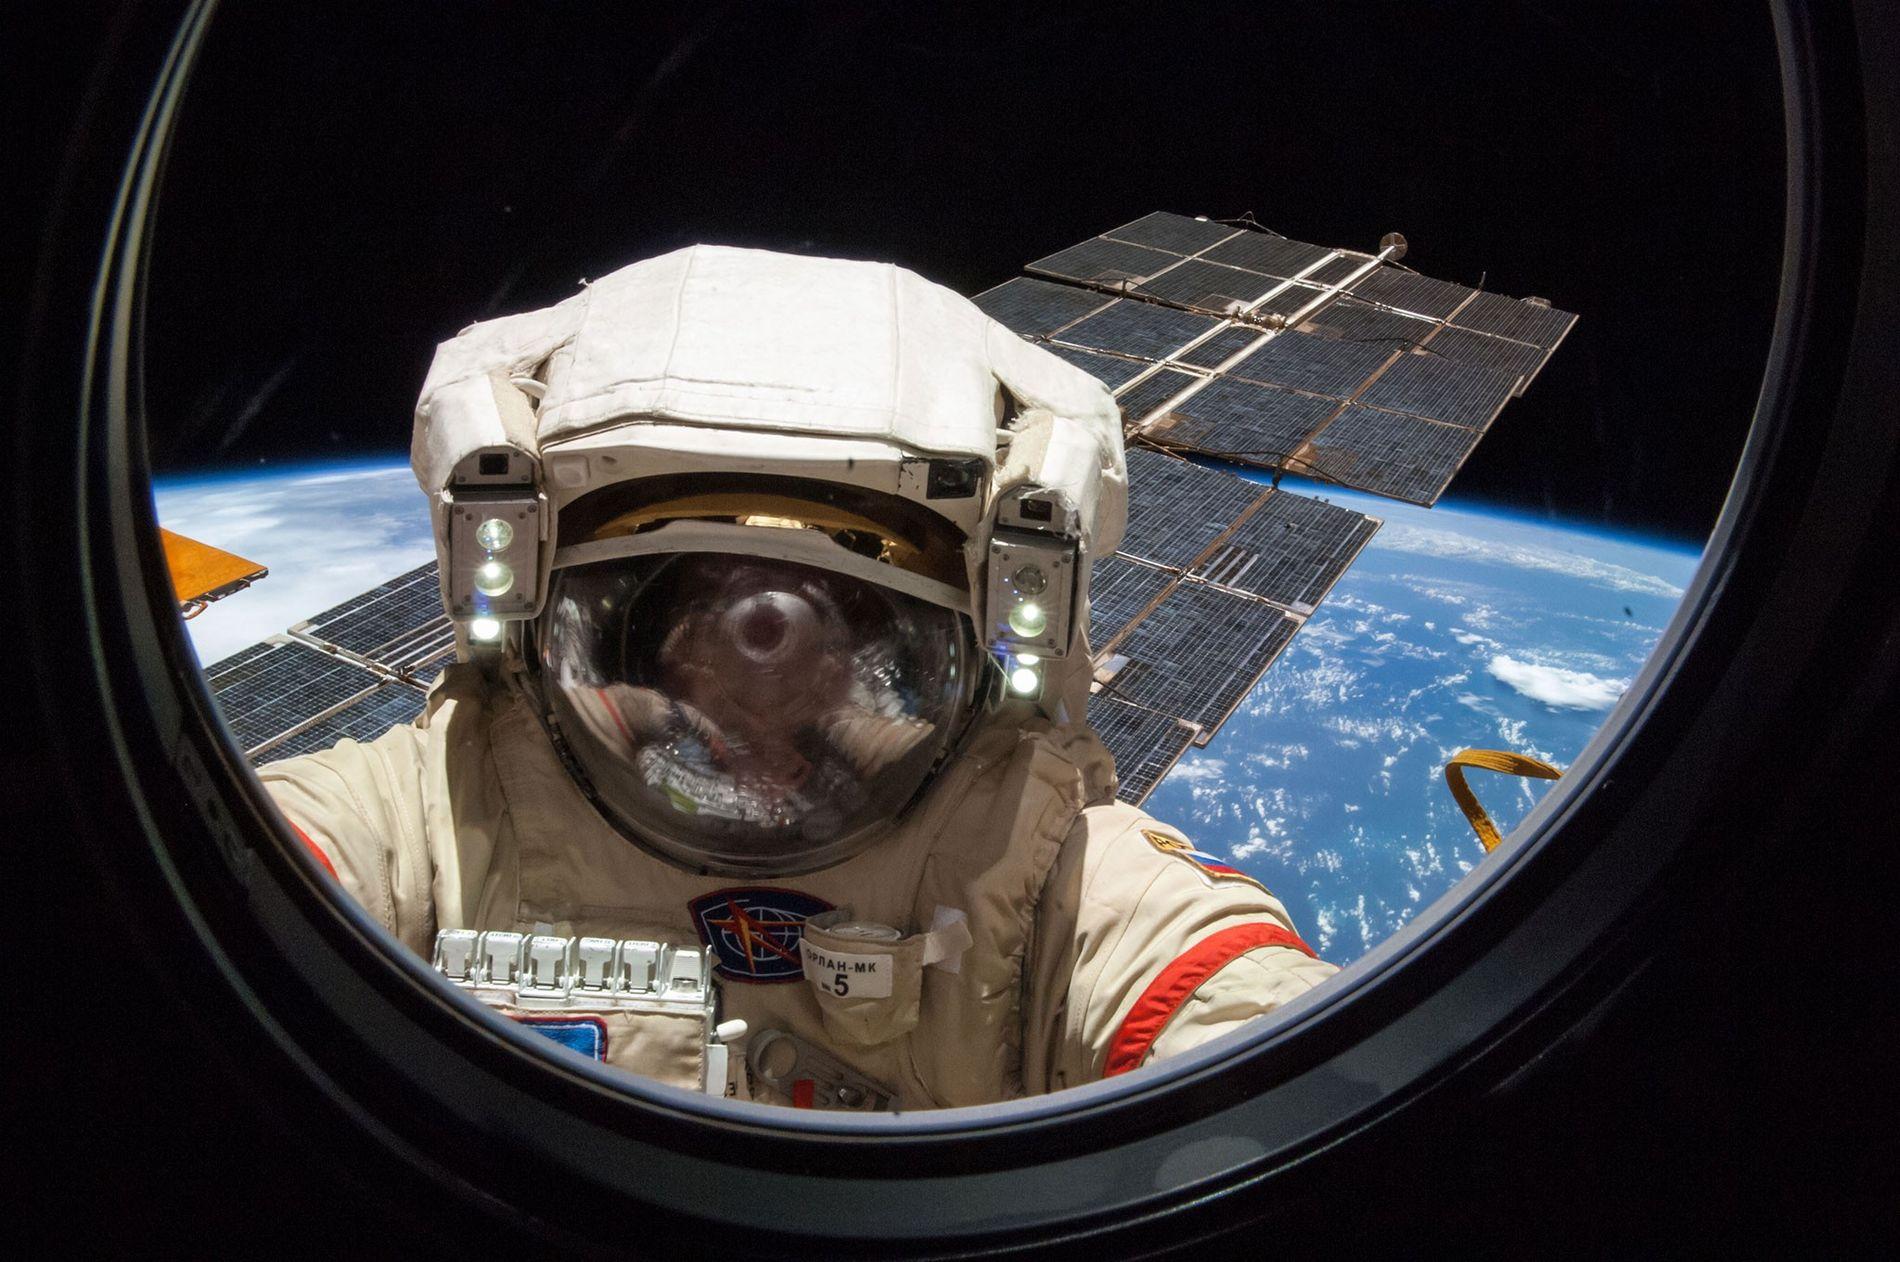 Le cosmonaute russe Alexander Skvortsov, photographié en train de travailler sur la Station spatiale internationale au cours d'une sortie dans l'espace de cinq heures et 11 minutes.